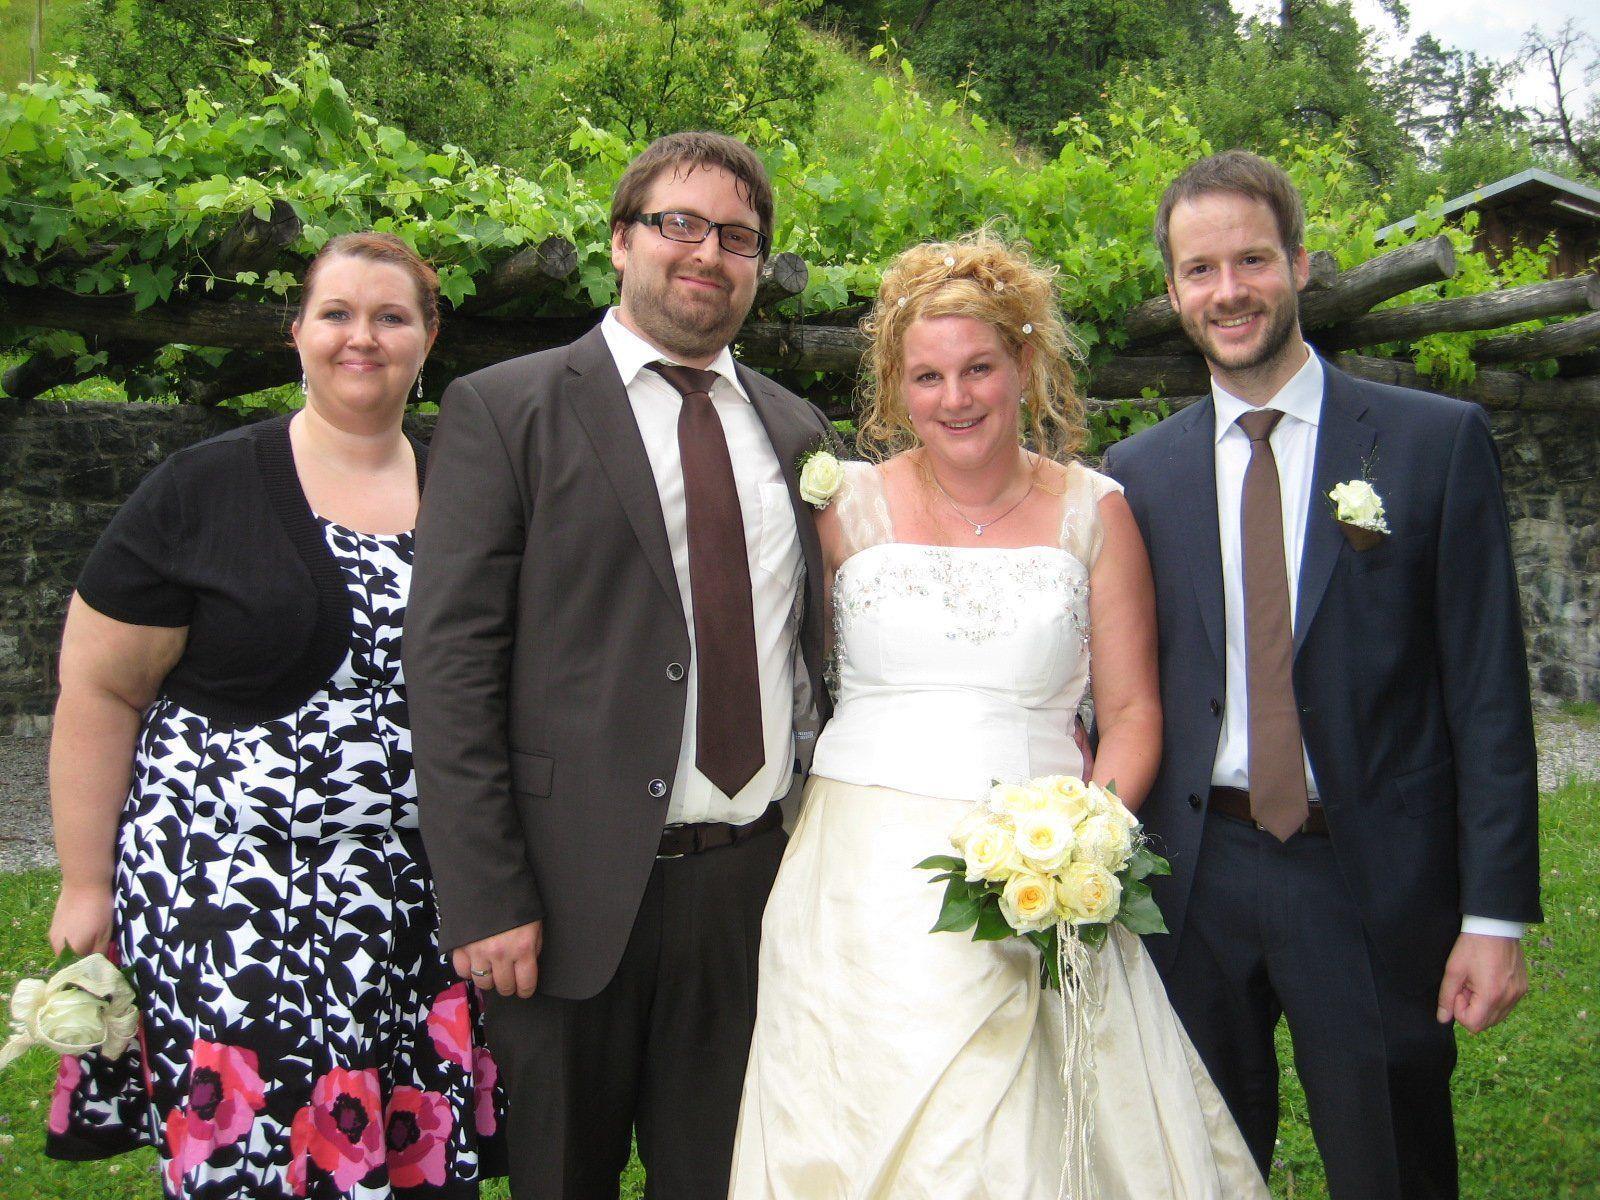 Maria Brugger und Alexander Zangerl haben geheiratet.